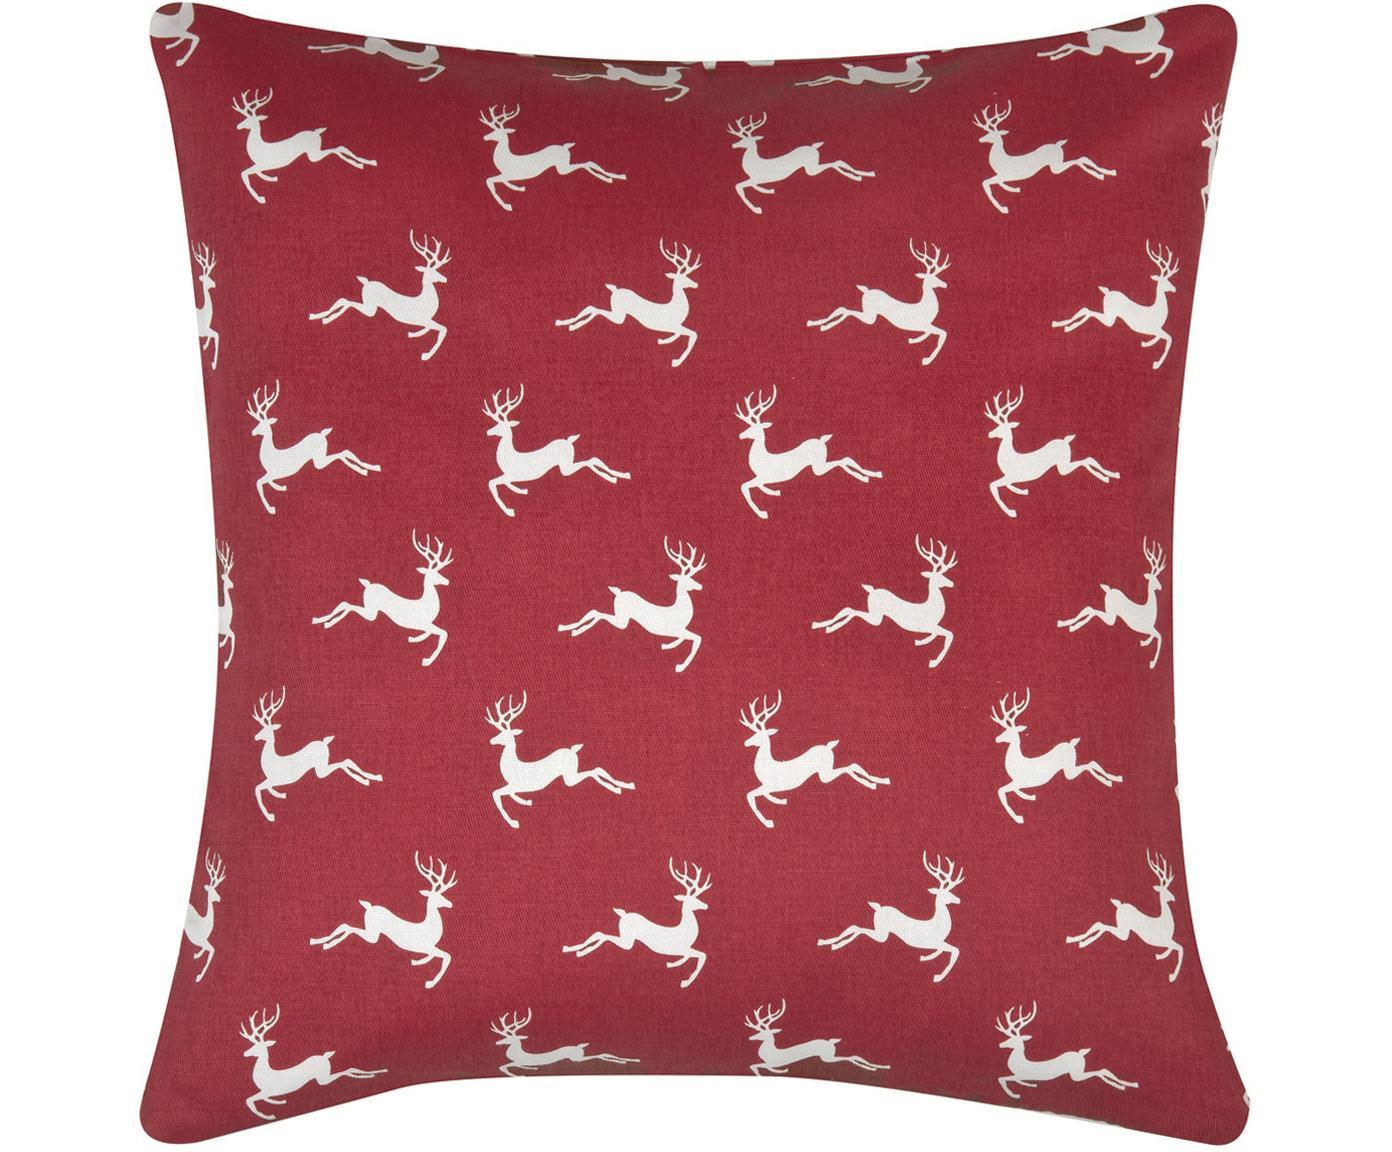 Kissenhülle Deers in Rot/Weiß, 100% Baumwolle, Panamabindung, Dunkelrot, Ecru, 40 x 40 cm